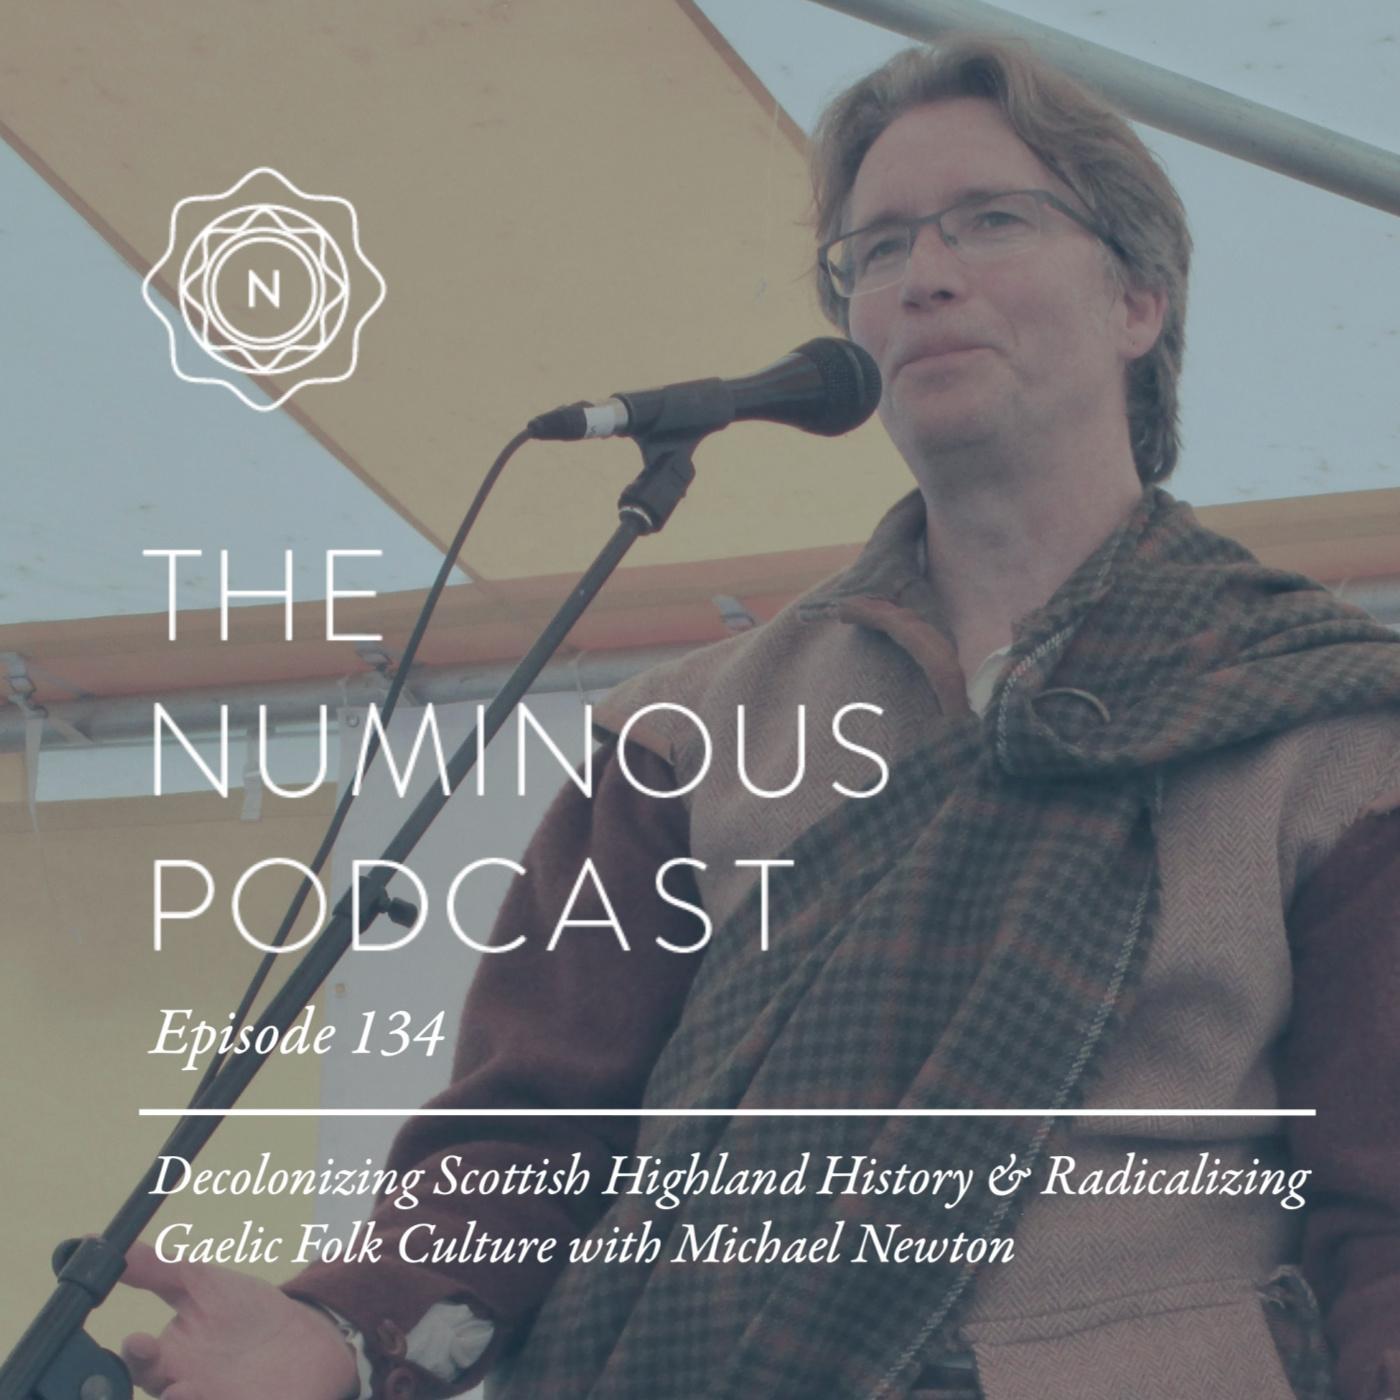 TNP134: Decolonizing Scottish Highland History and Radicalizing Gaelic Folk Culture with Michael Newton